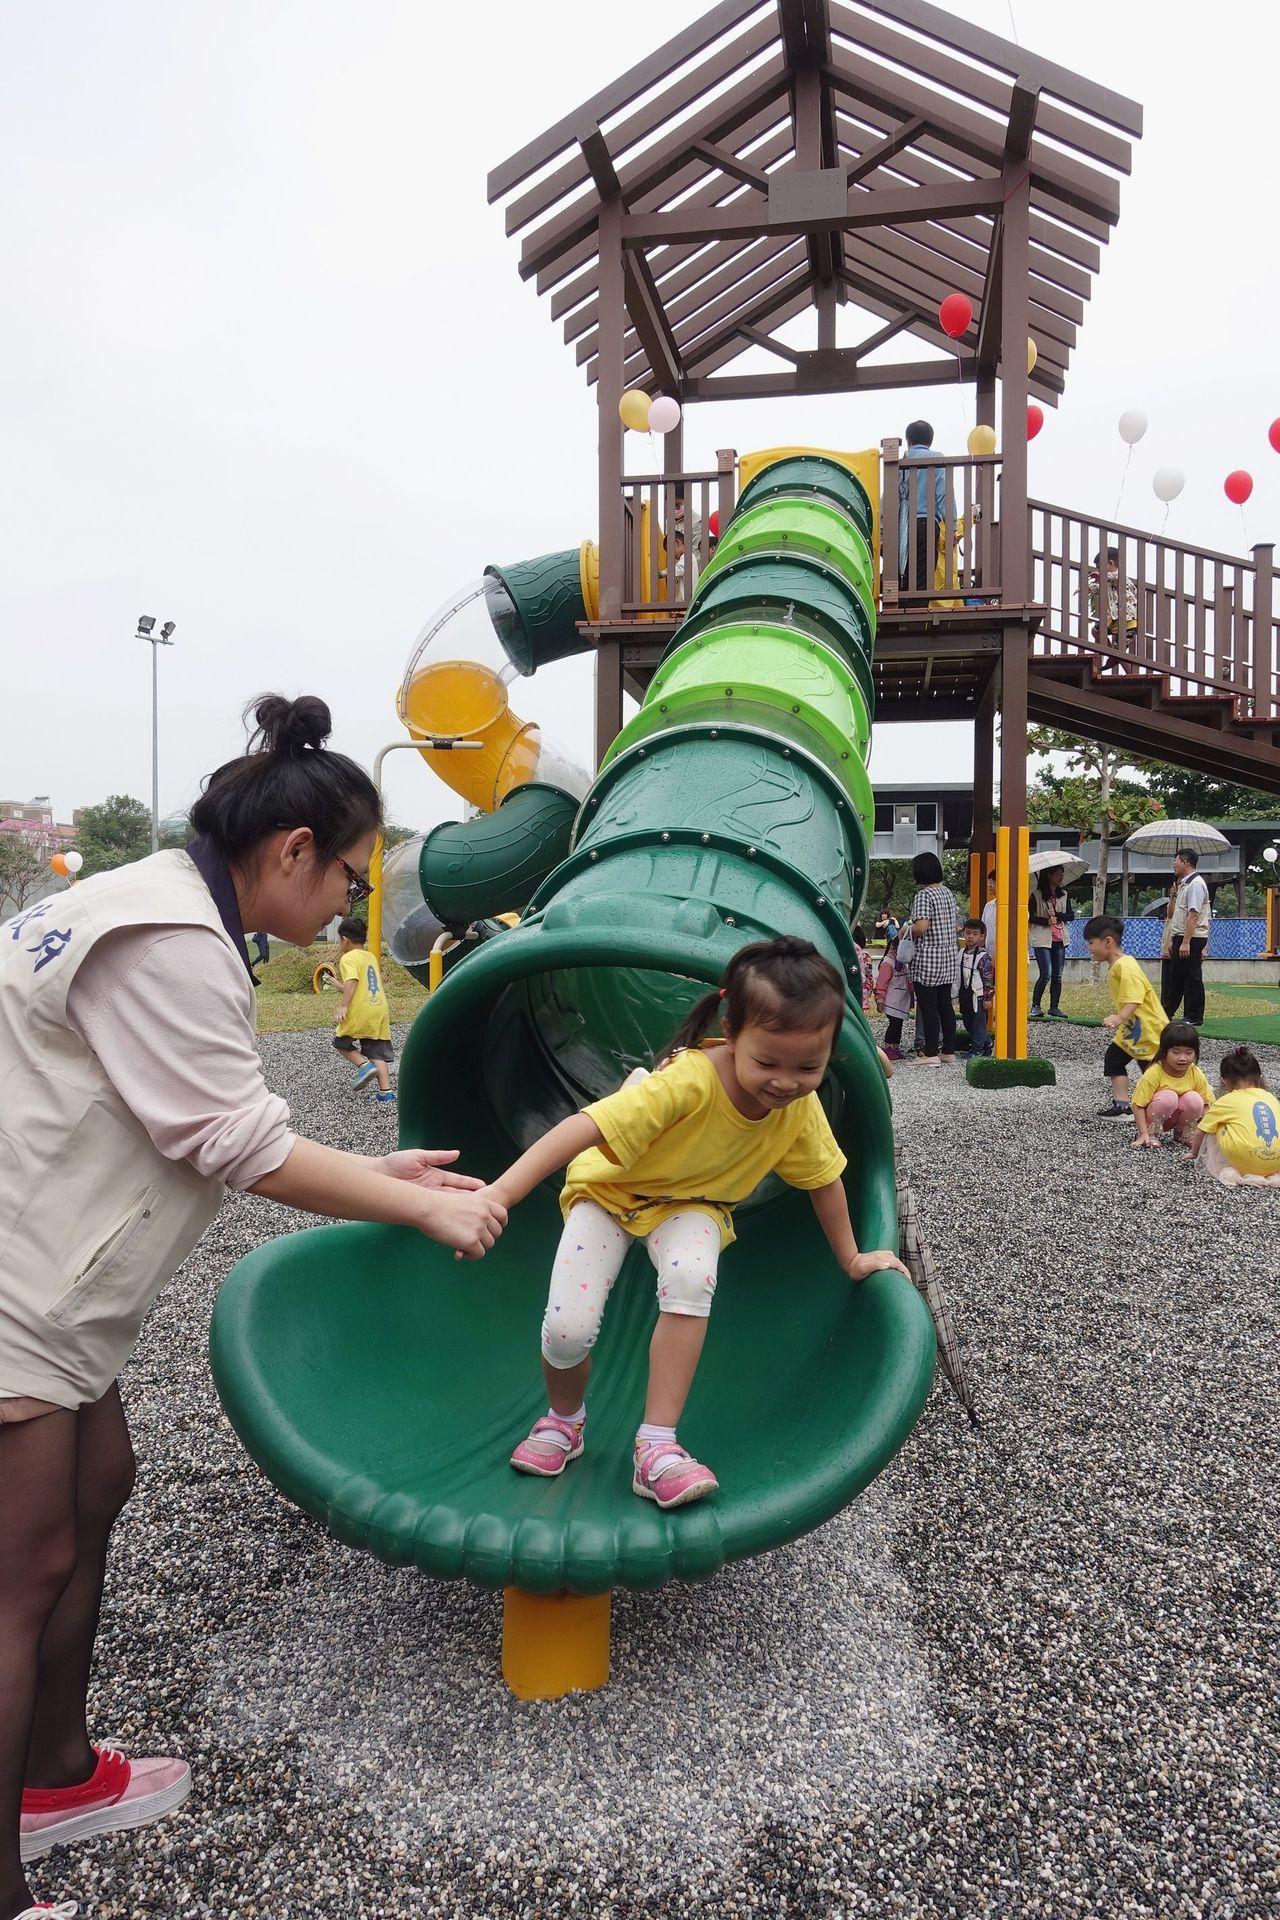 雲嘉南首座共融式遊戲場昨天正式啟用,嘉義市長涂醒哲強調,每一項共融式遊具都符合C...